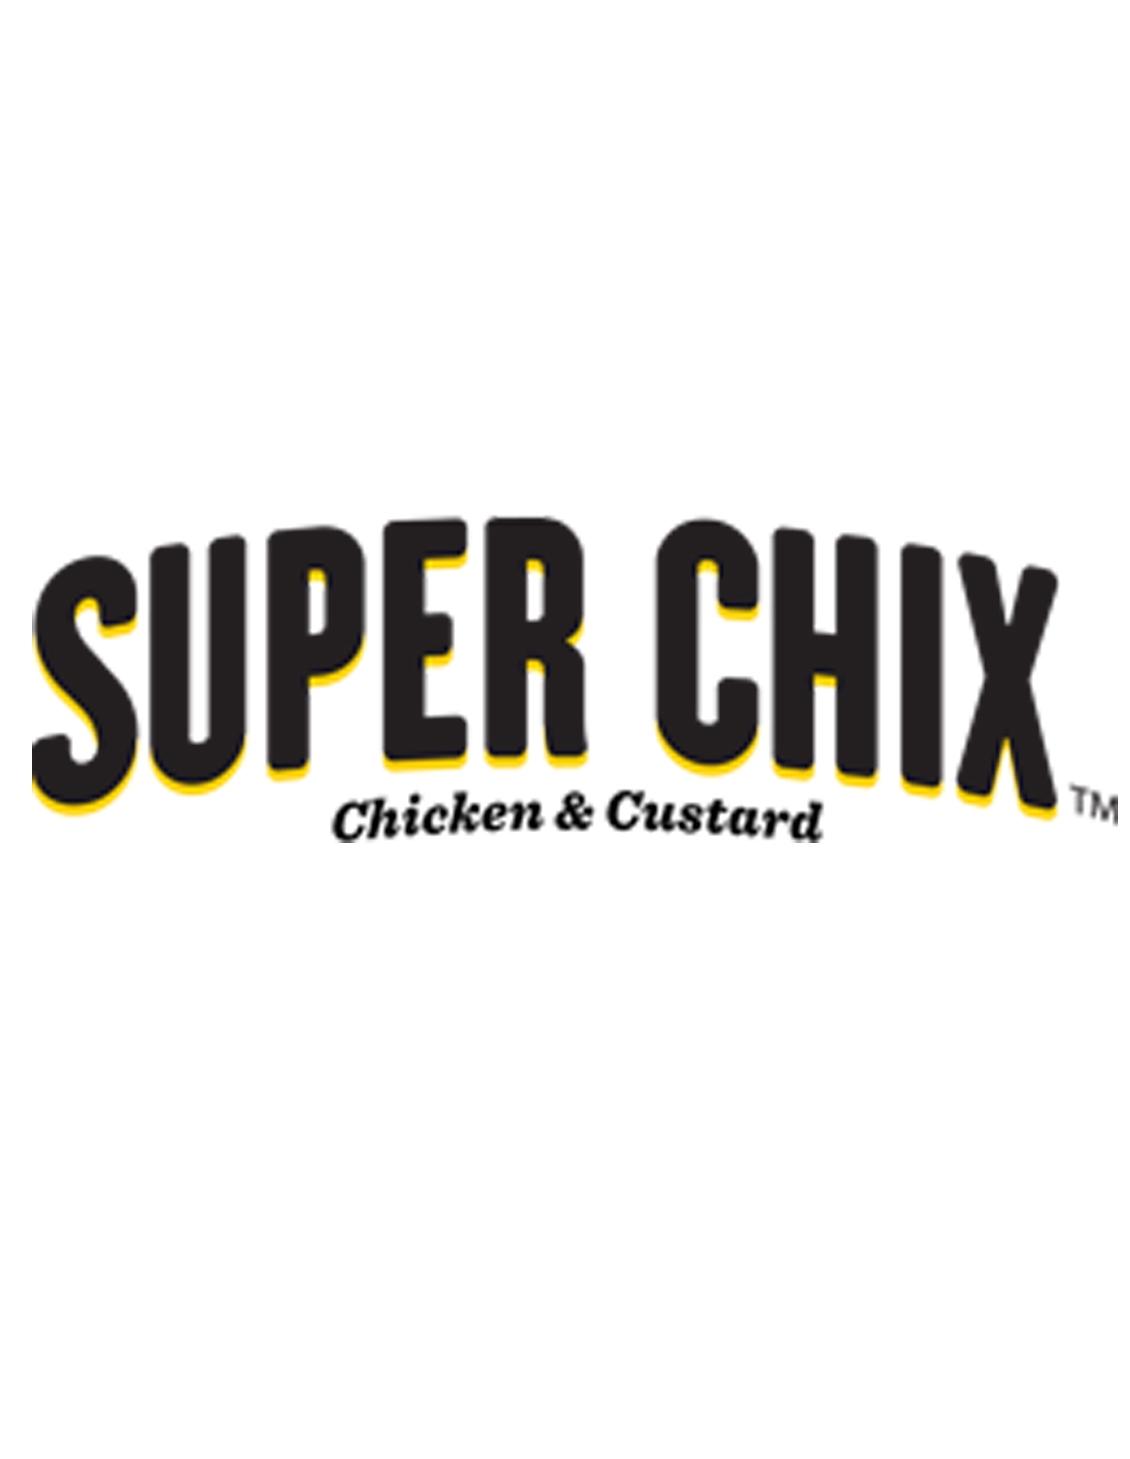 Superchix